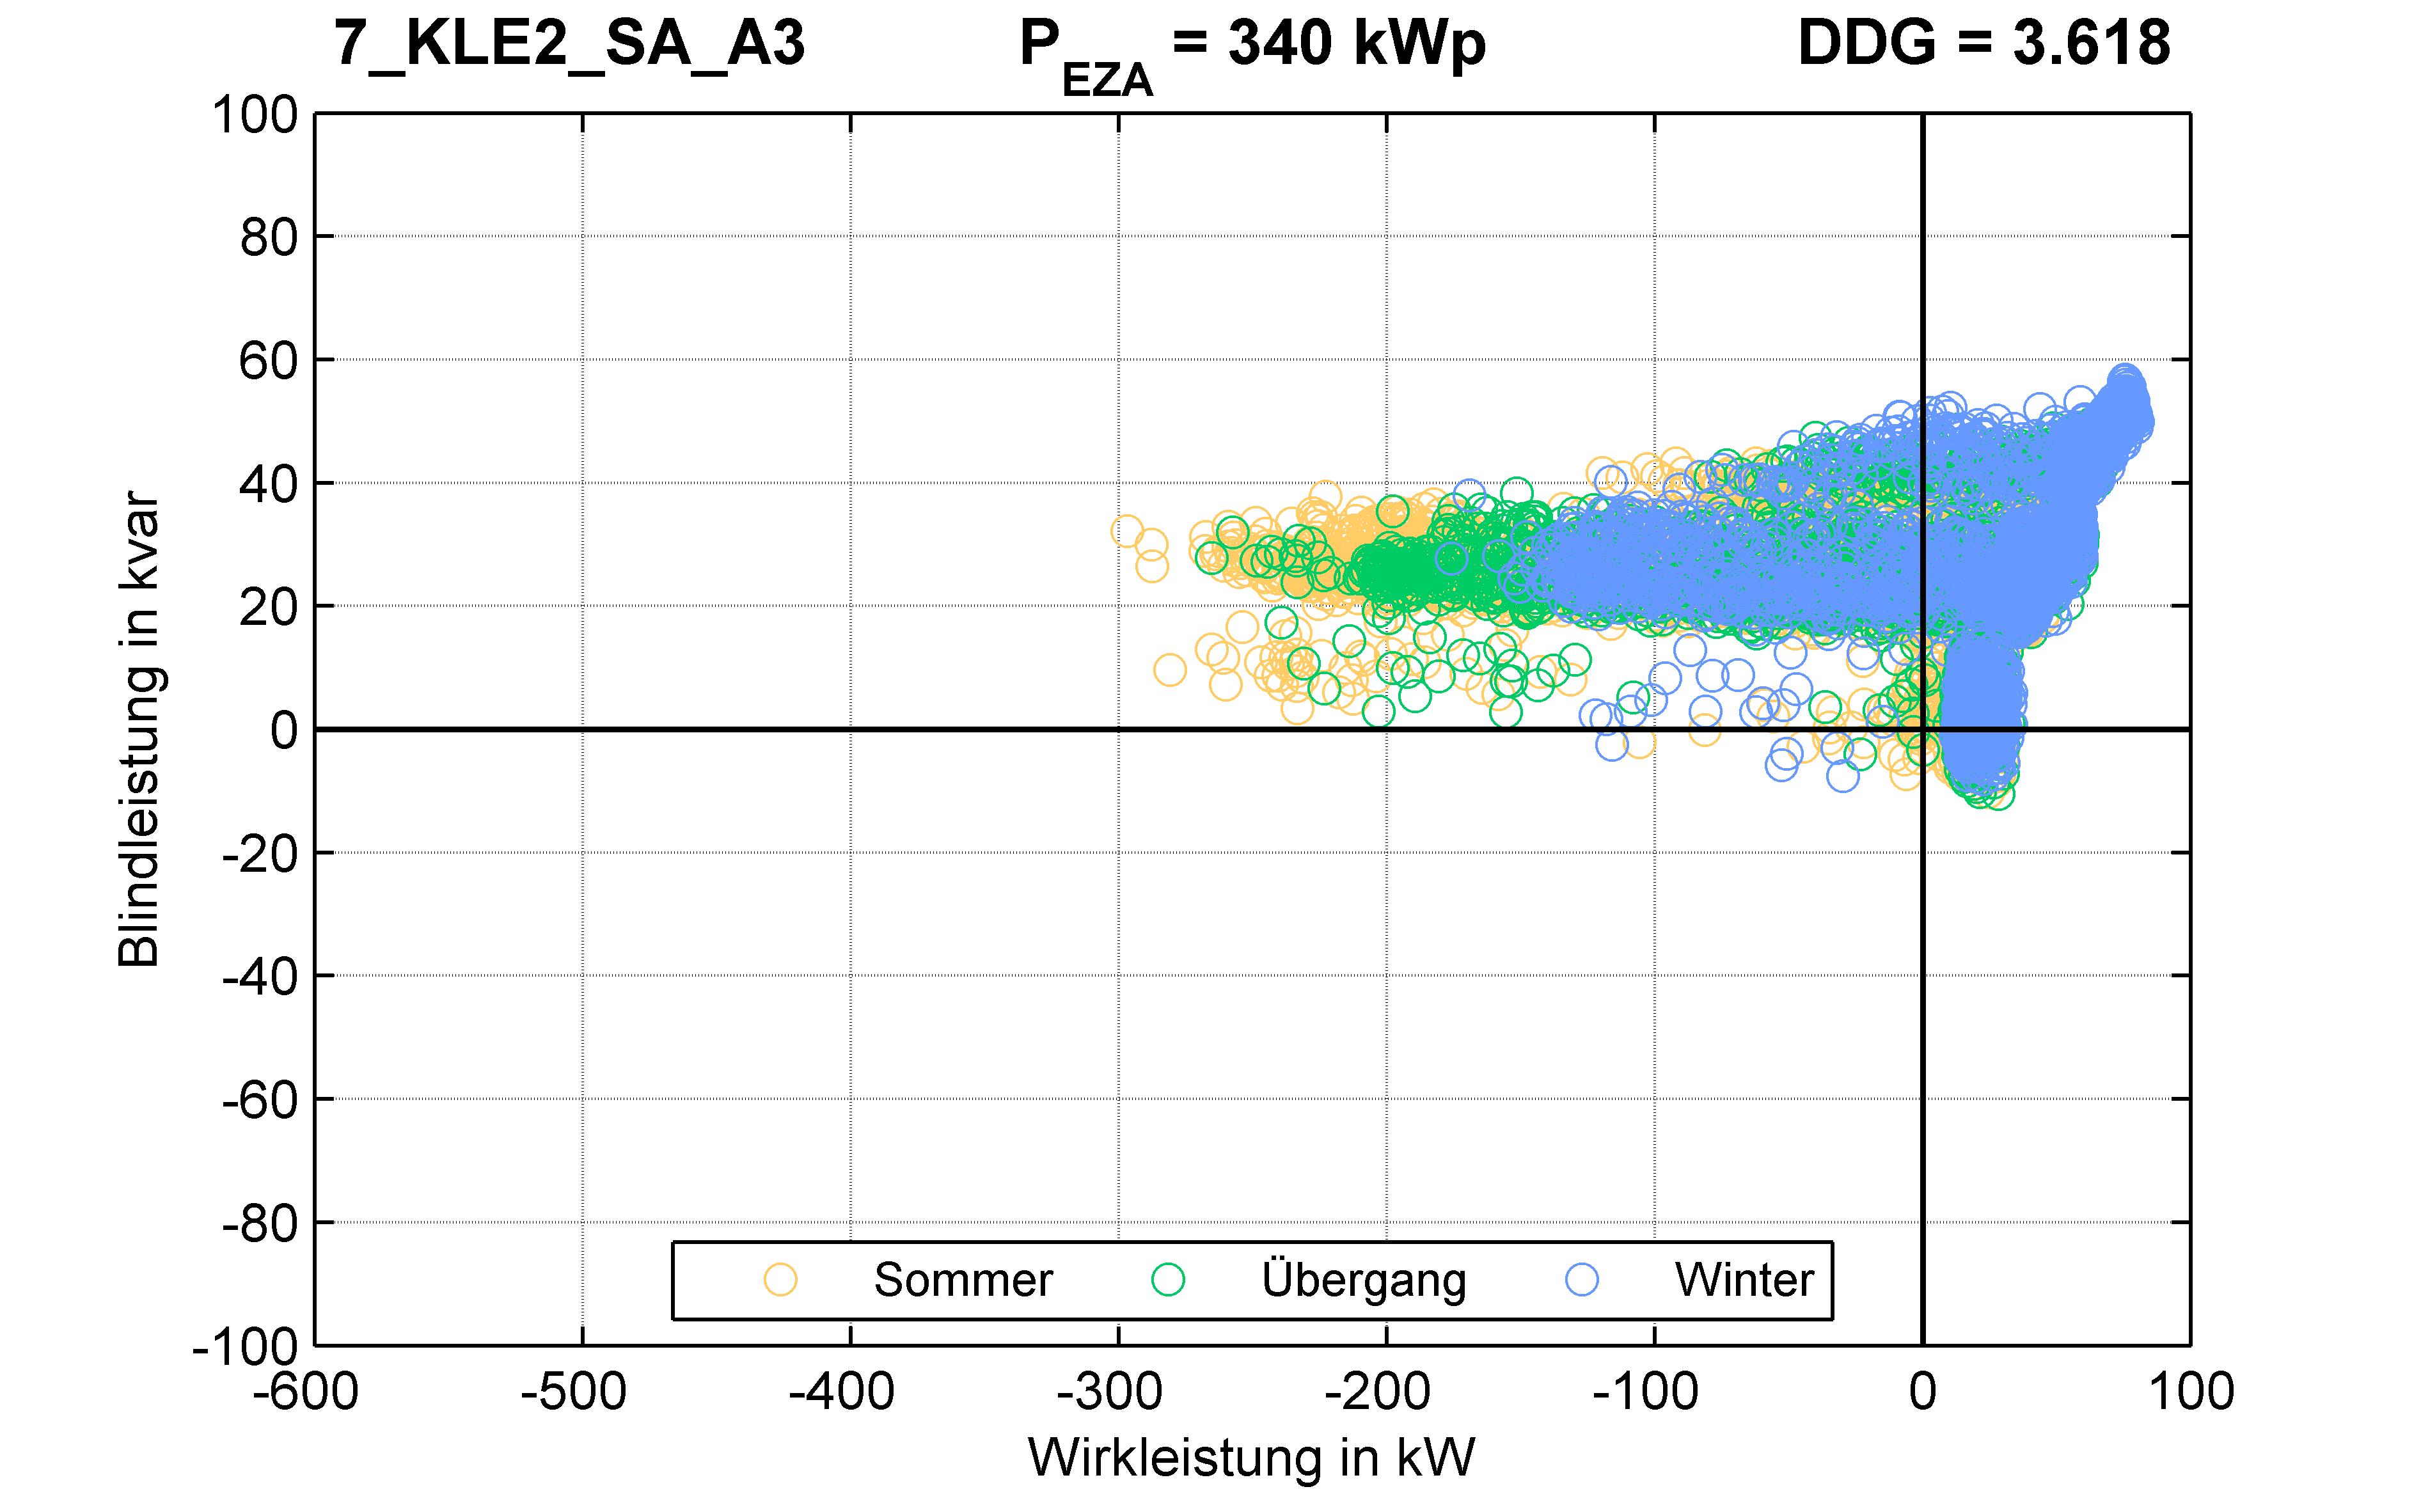 KLE2 | Längsregler (SA) A3 | PQ-Verhalten